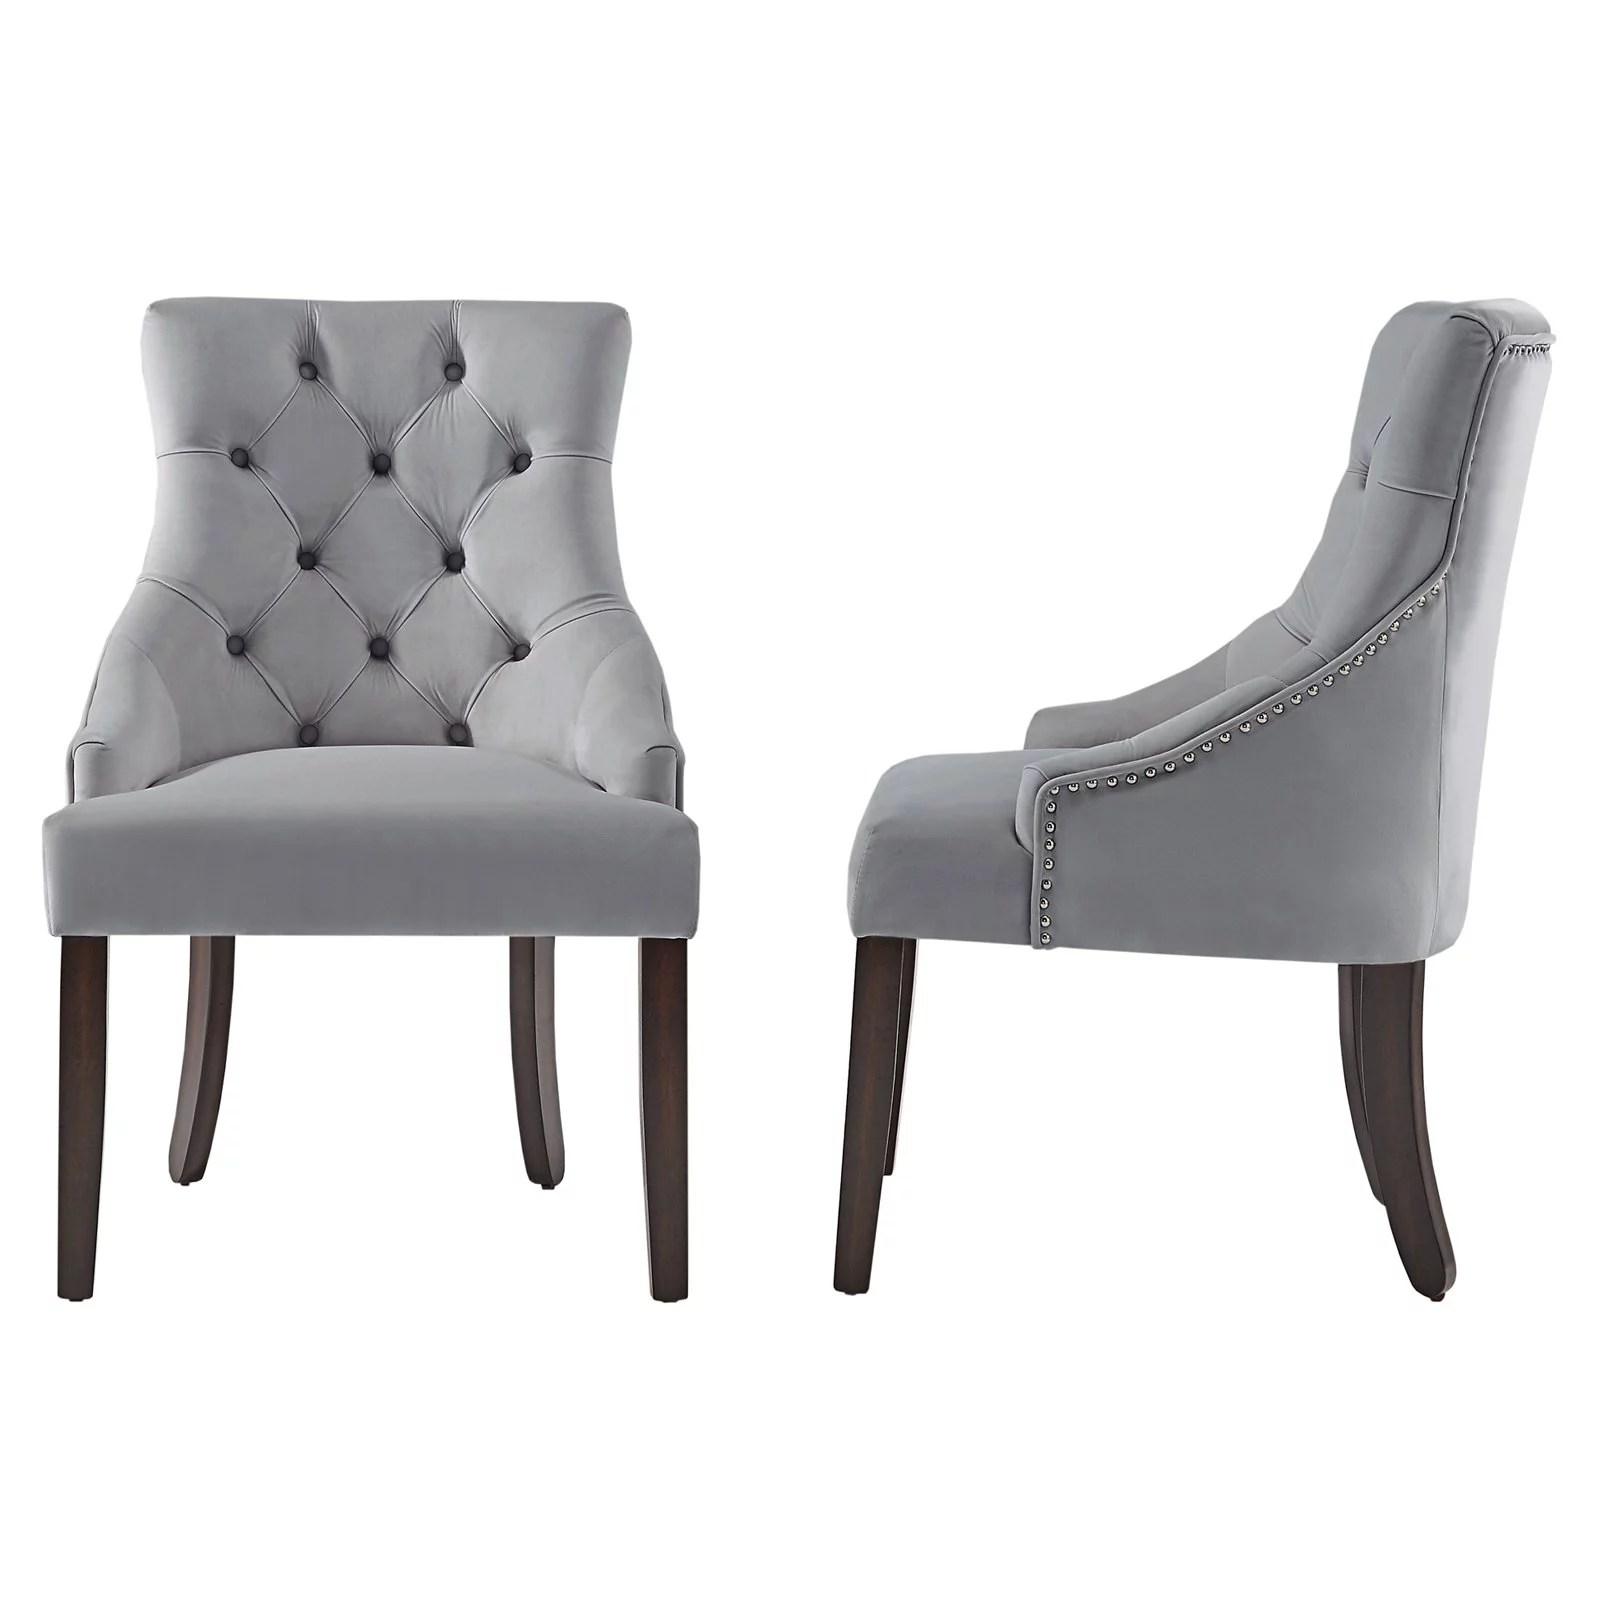 chelsea lane curved back velvet tufted dining chair set of 2 gray